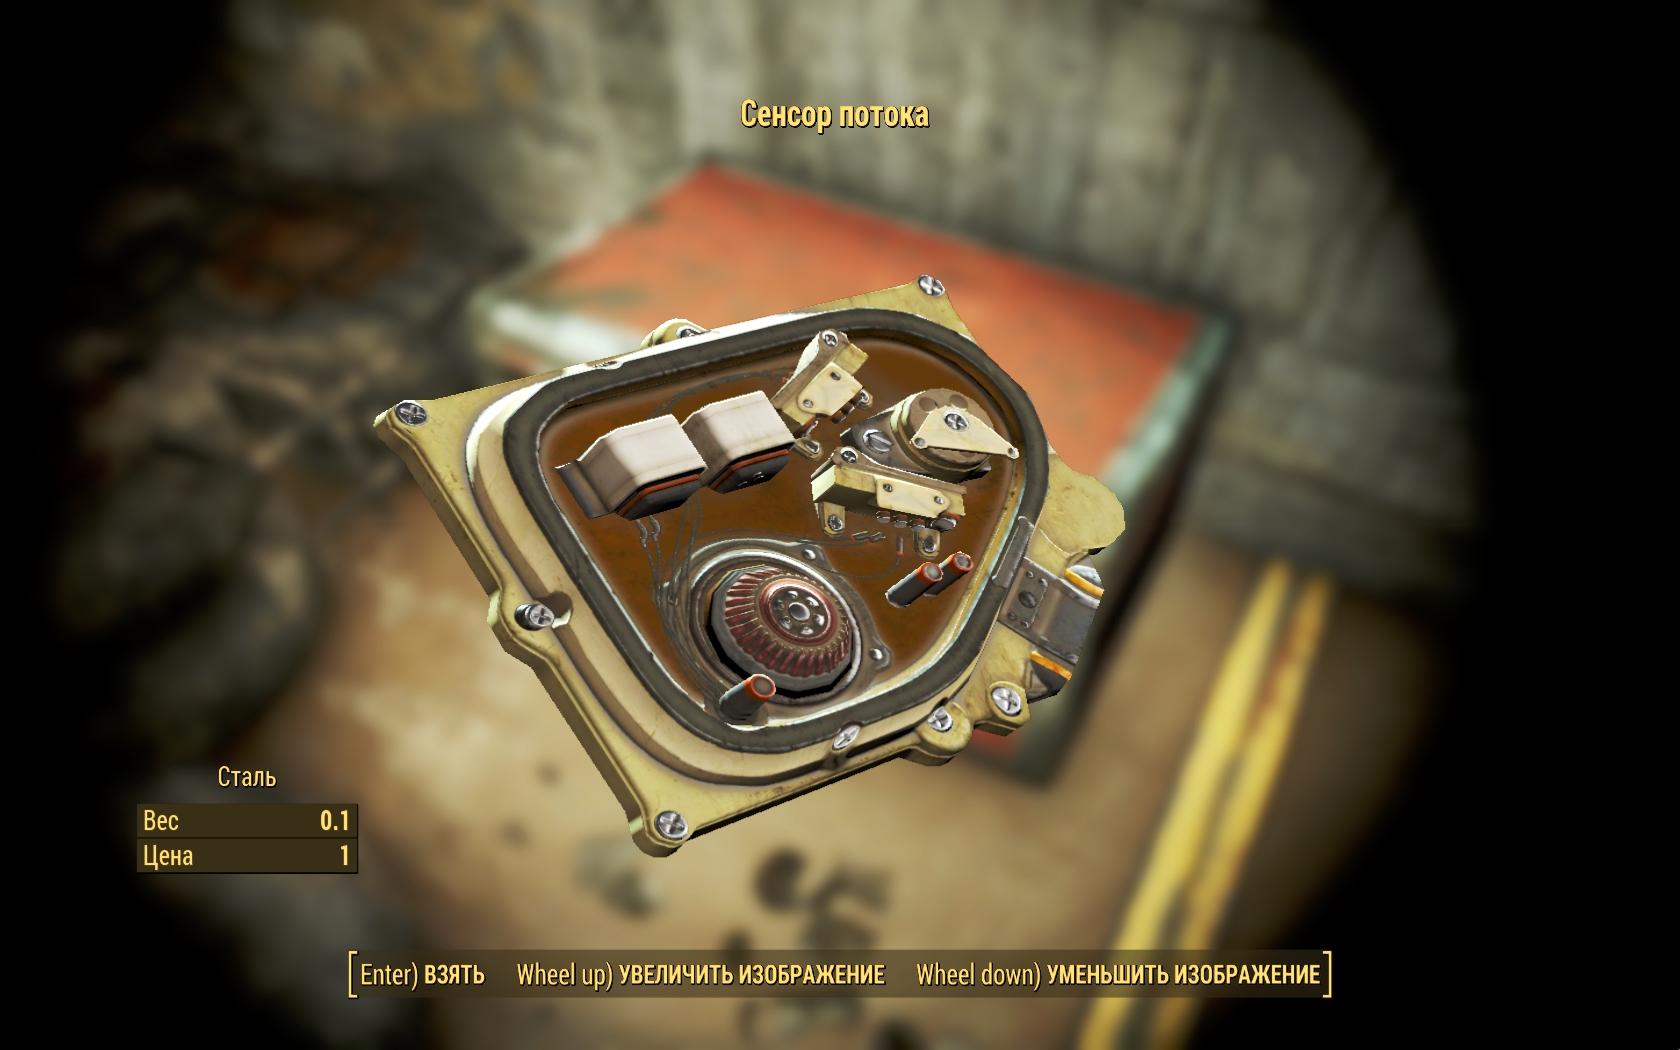 Сенсор потока - Fallout 4 Квартирмейстер, Сенсор потока